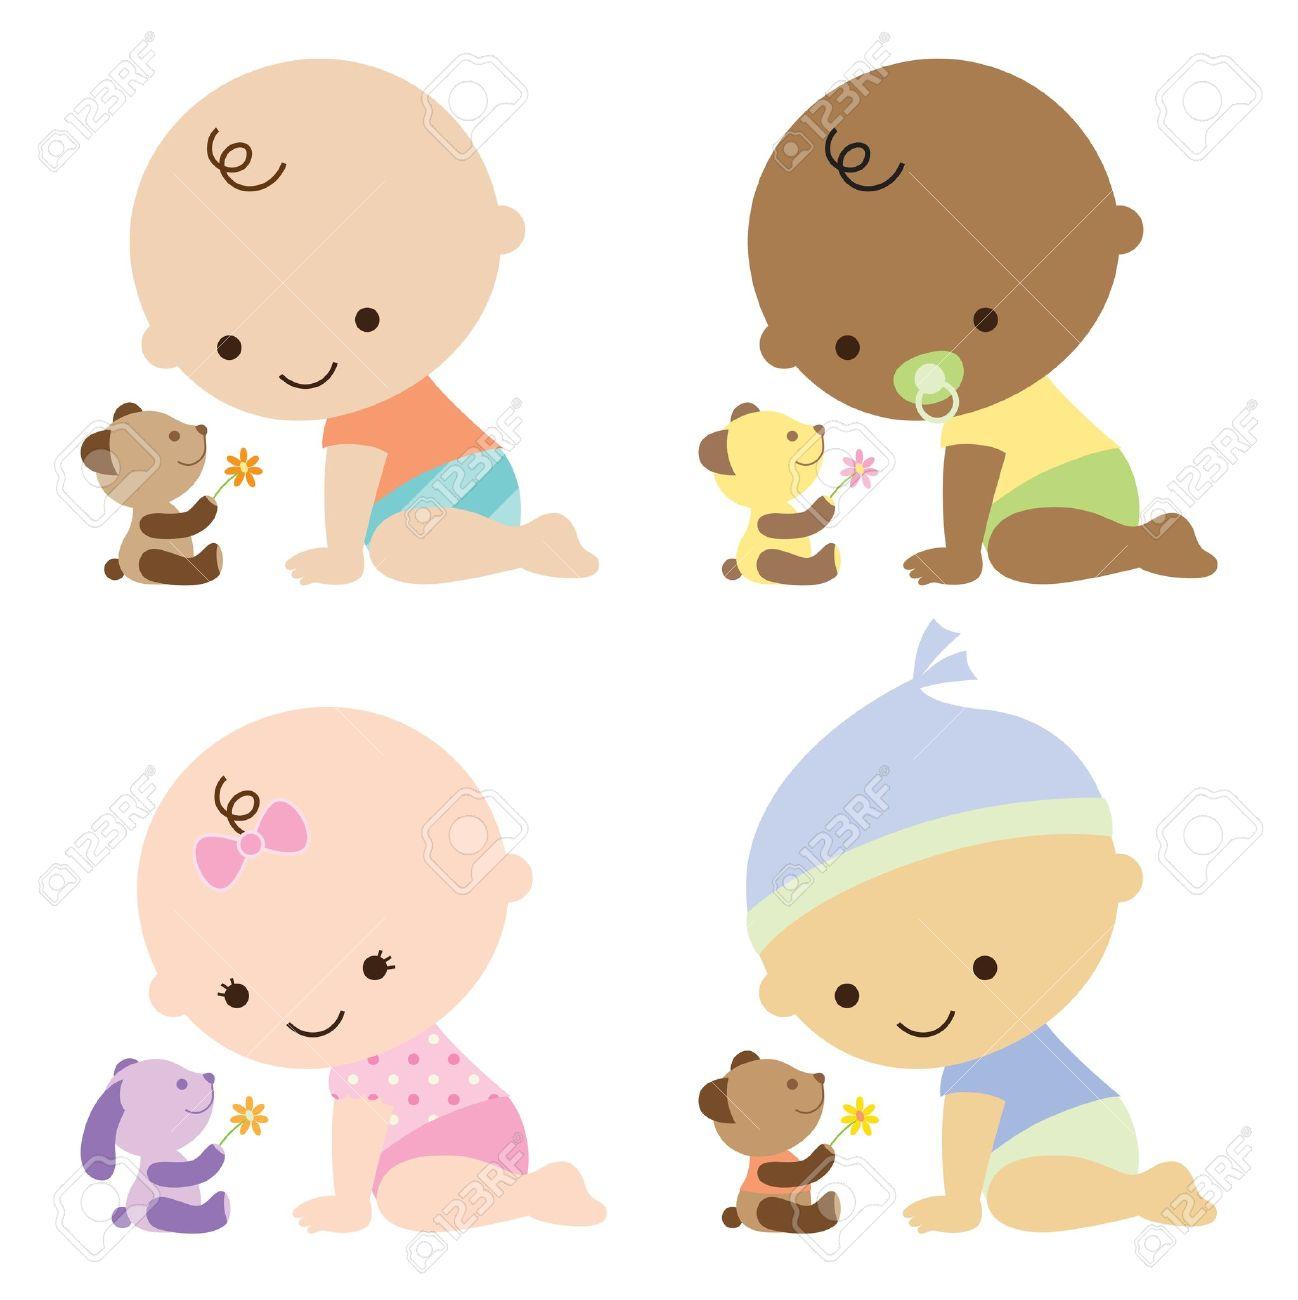 赤ちゃん男の子とかわいいテディベアと赤ちゃんの女の子のイラスト